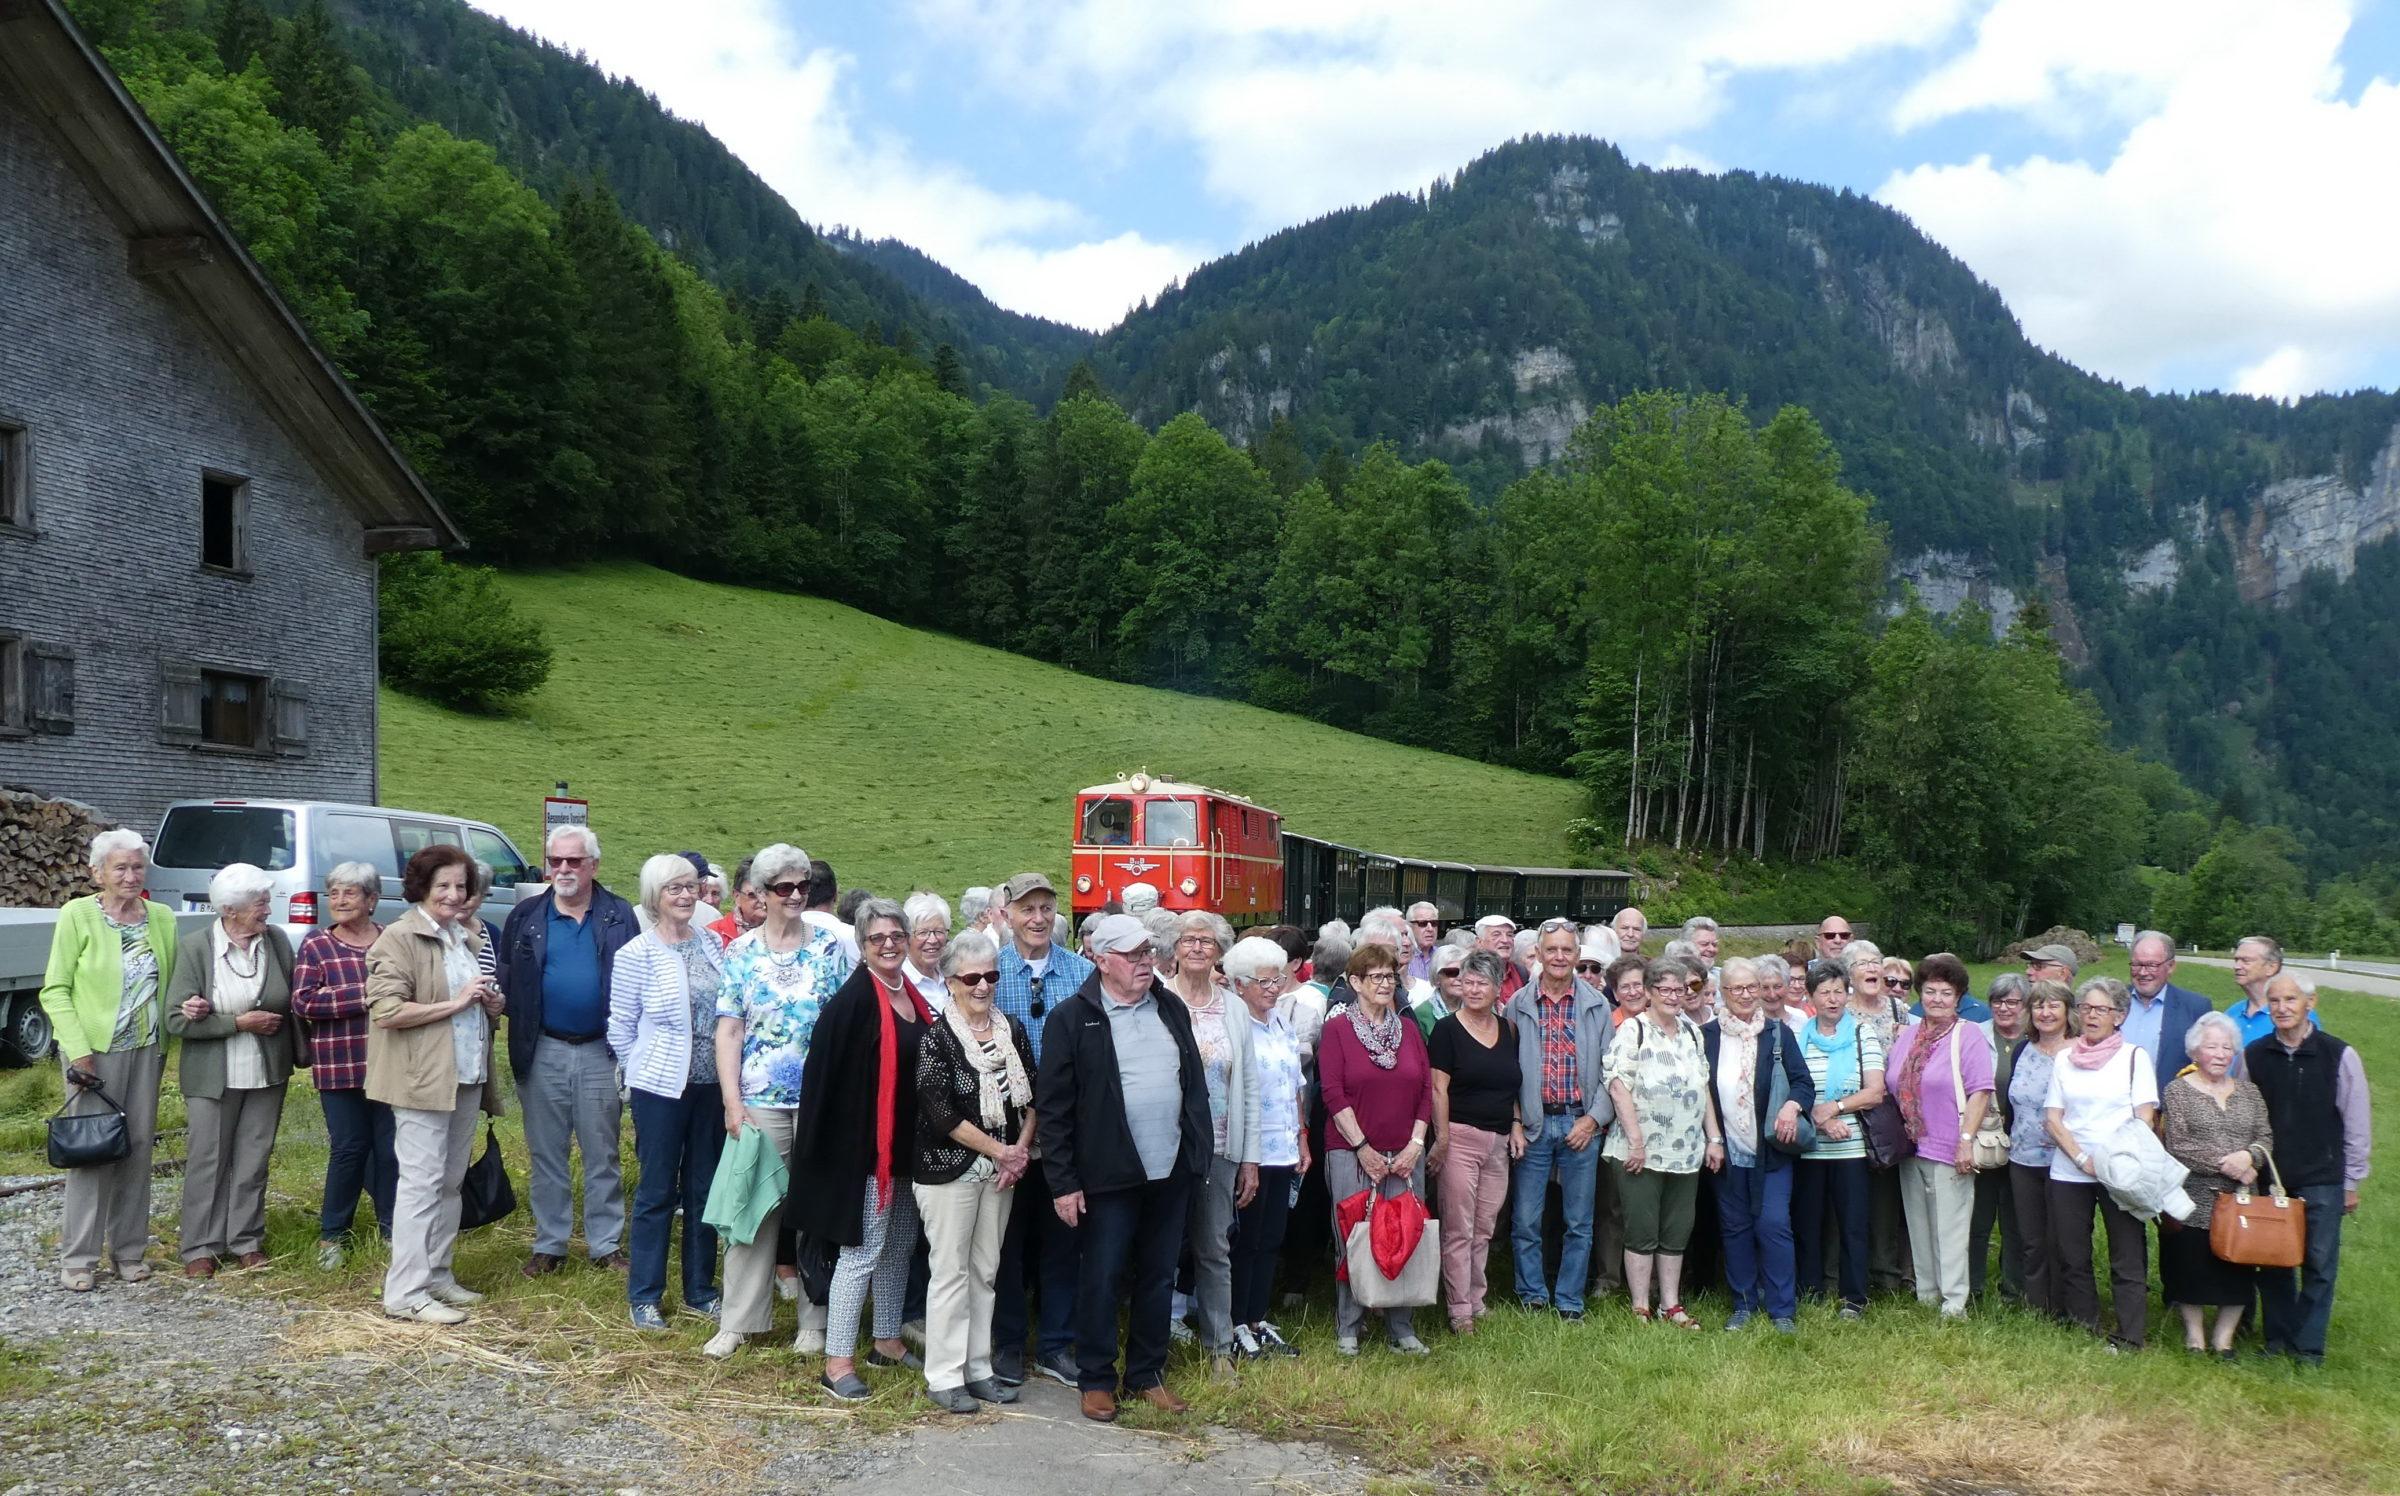 Fahrt ins Blaue mit dem Seniorenbund Götzis